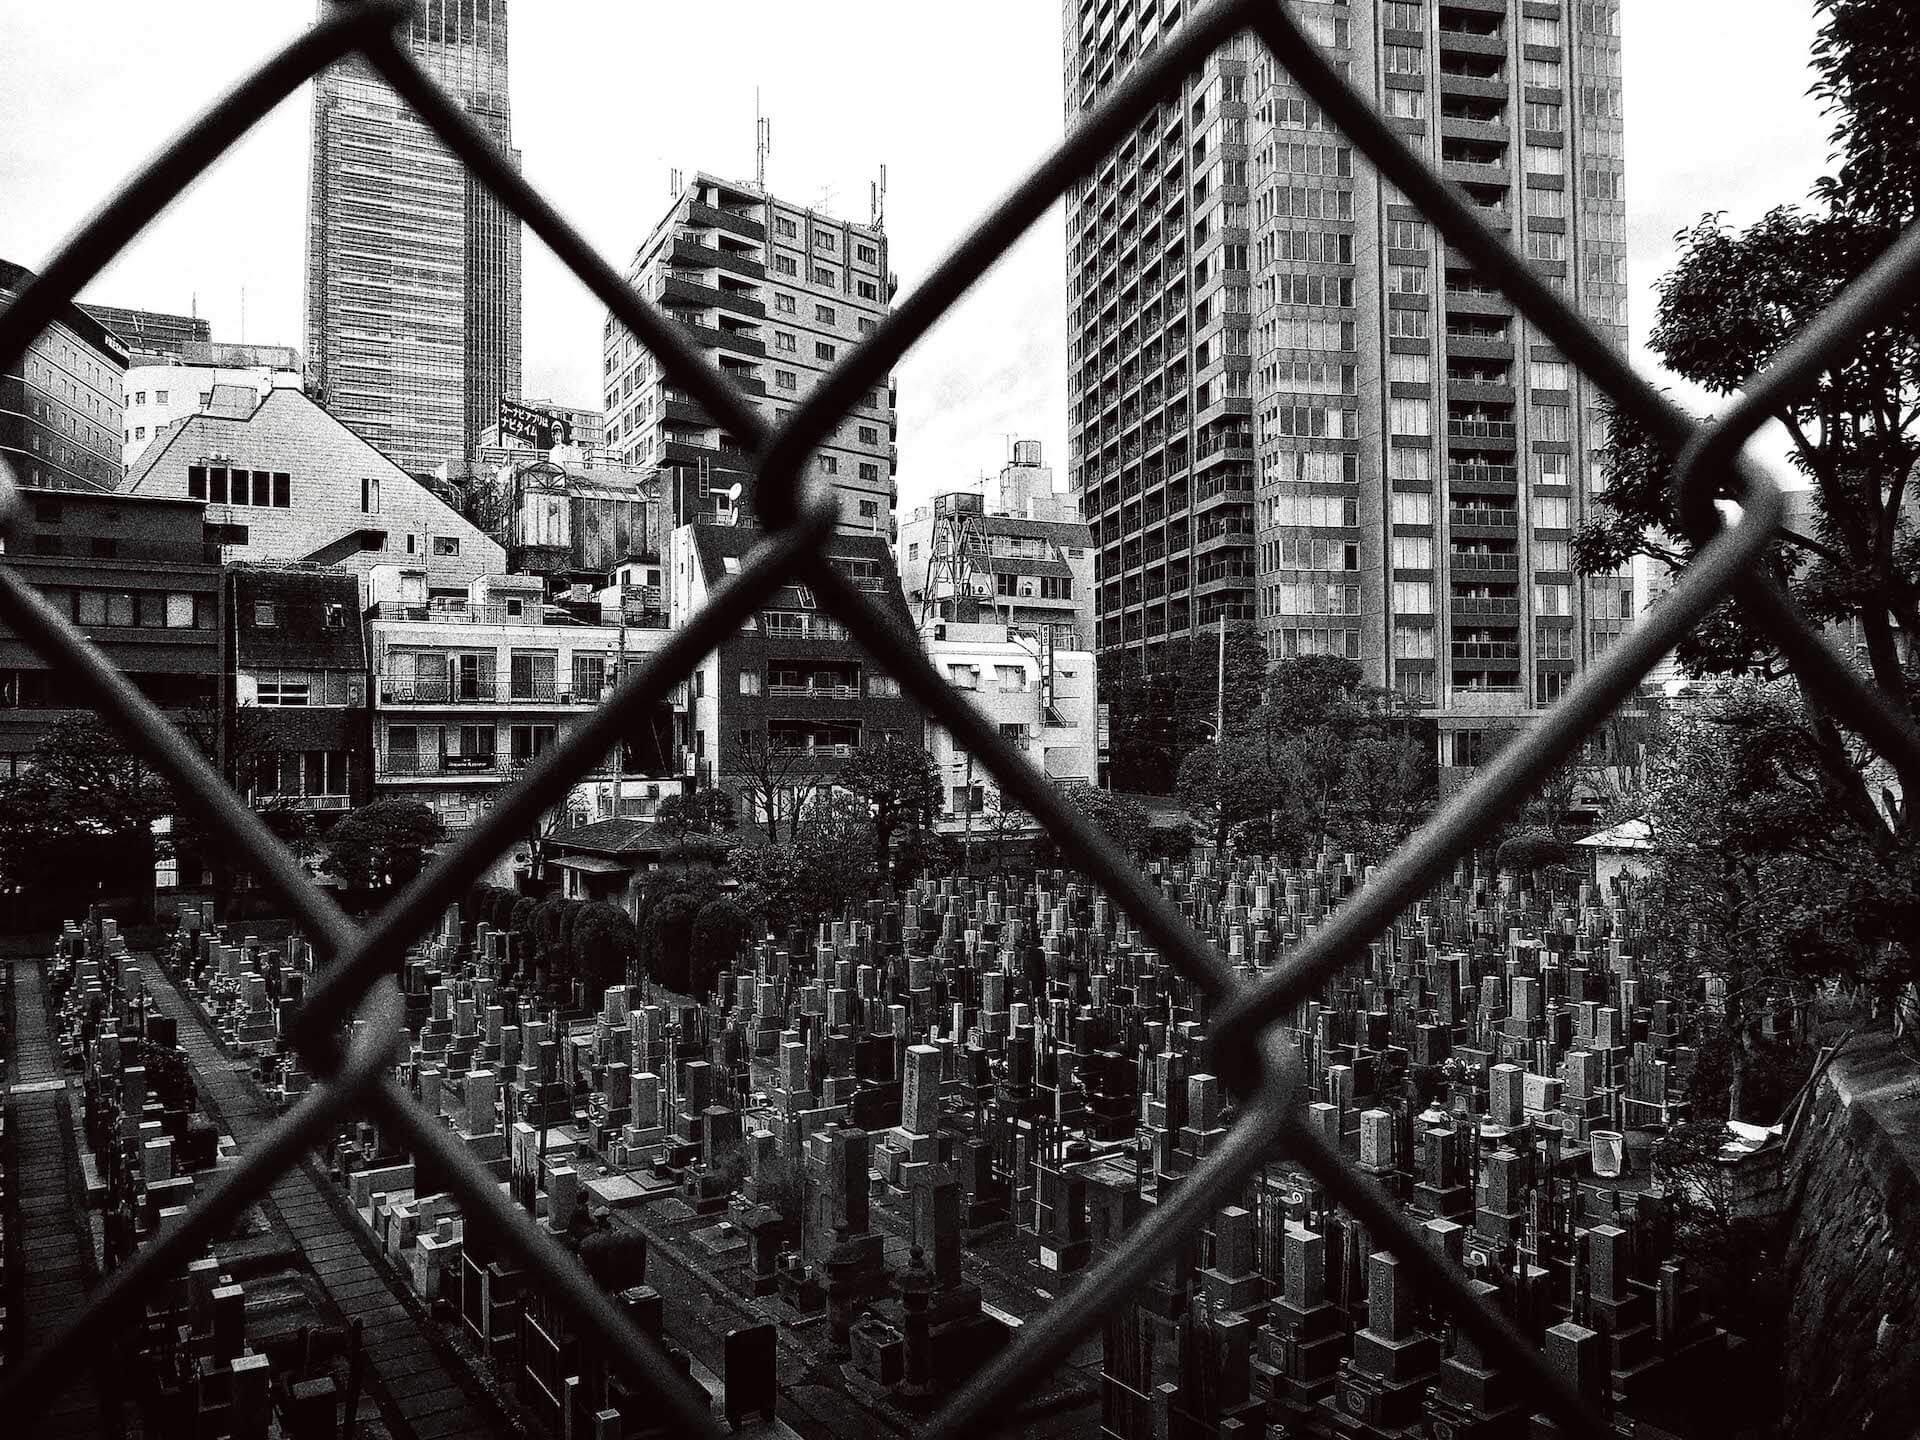 東京の路地裏を捉えた森山大道の写真集『Tokyo』が発売|撮影現場に同行したインタビュー動画公開&パネル展も開催 ac200714_daido_moriyama_04